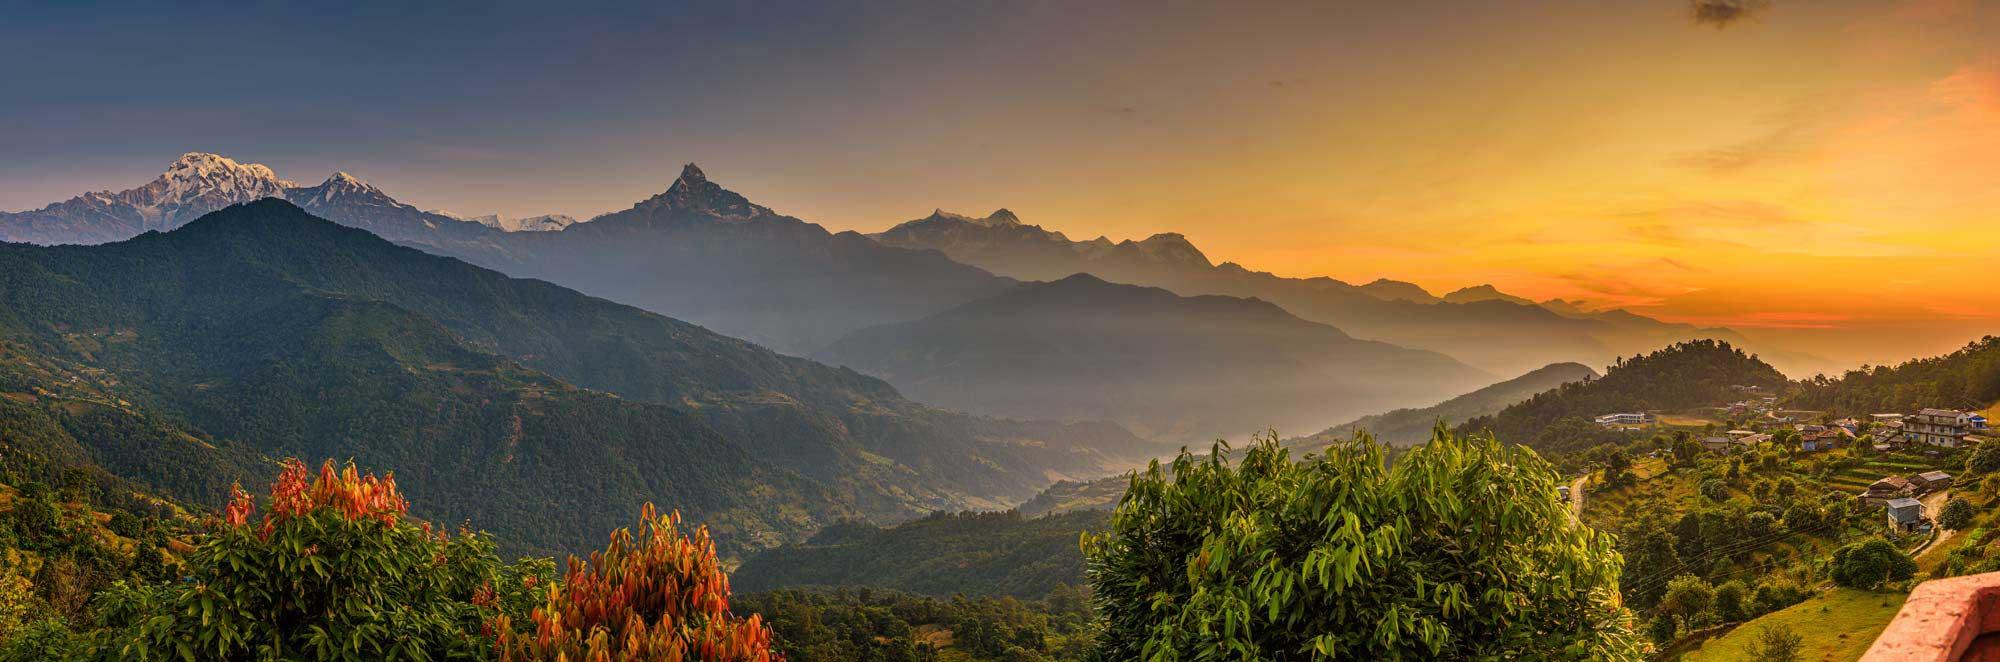 colorfull-Himalaya-VP.jpg?fit=2000%2C662